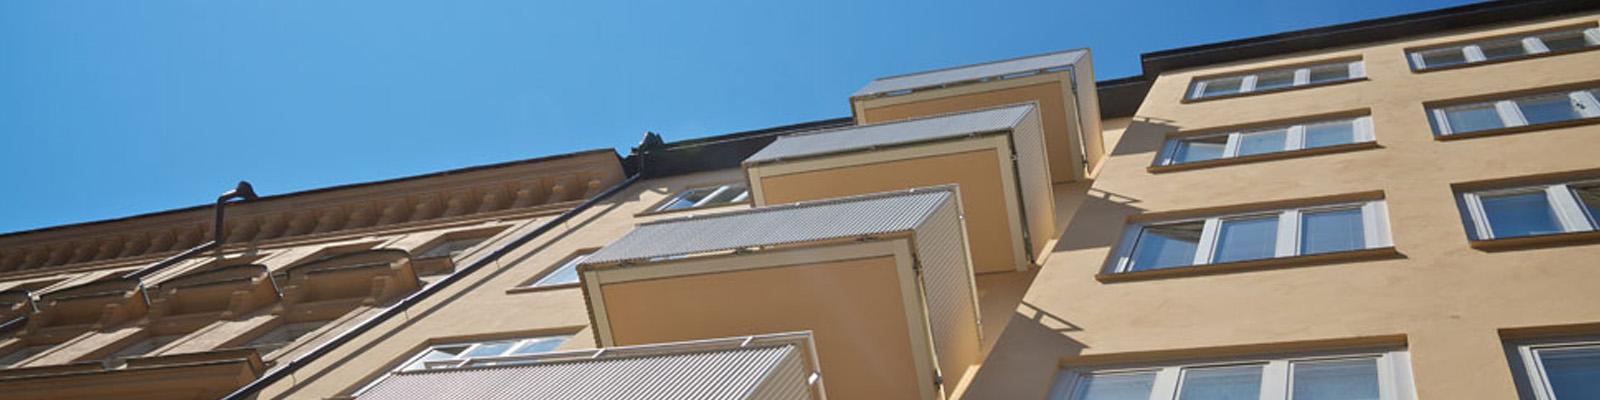 Bygga balkonger